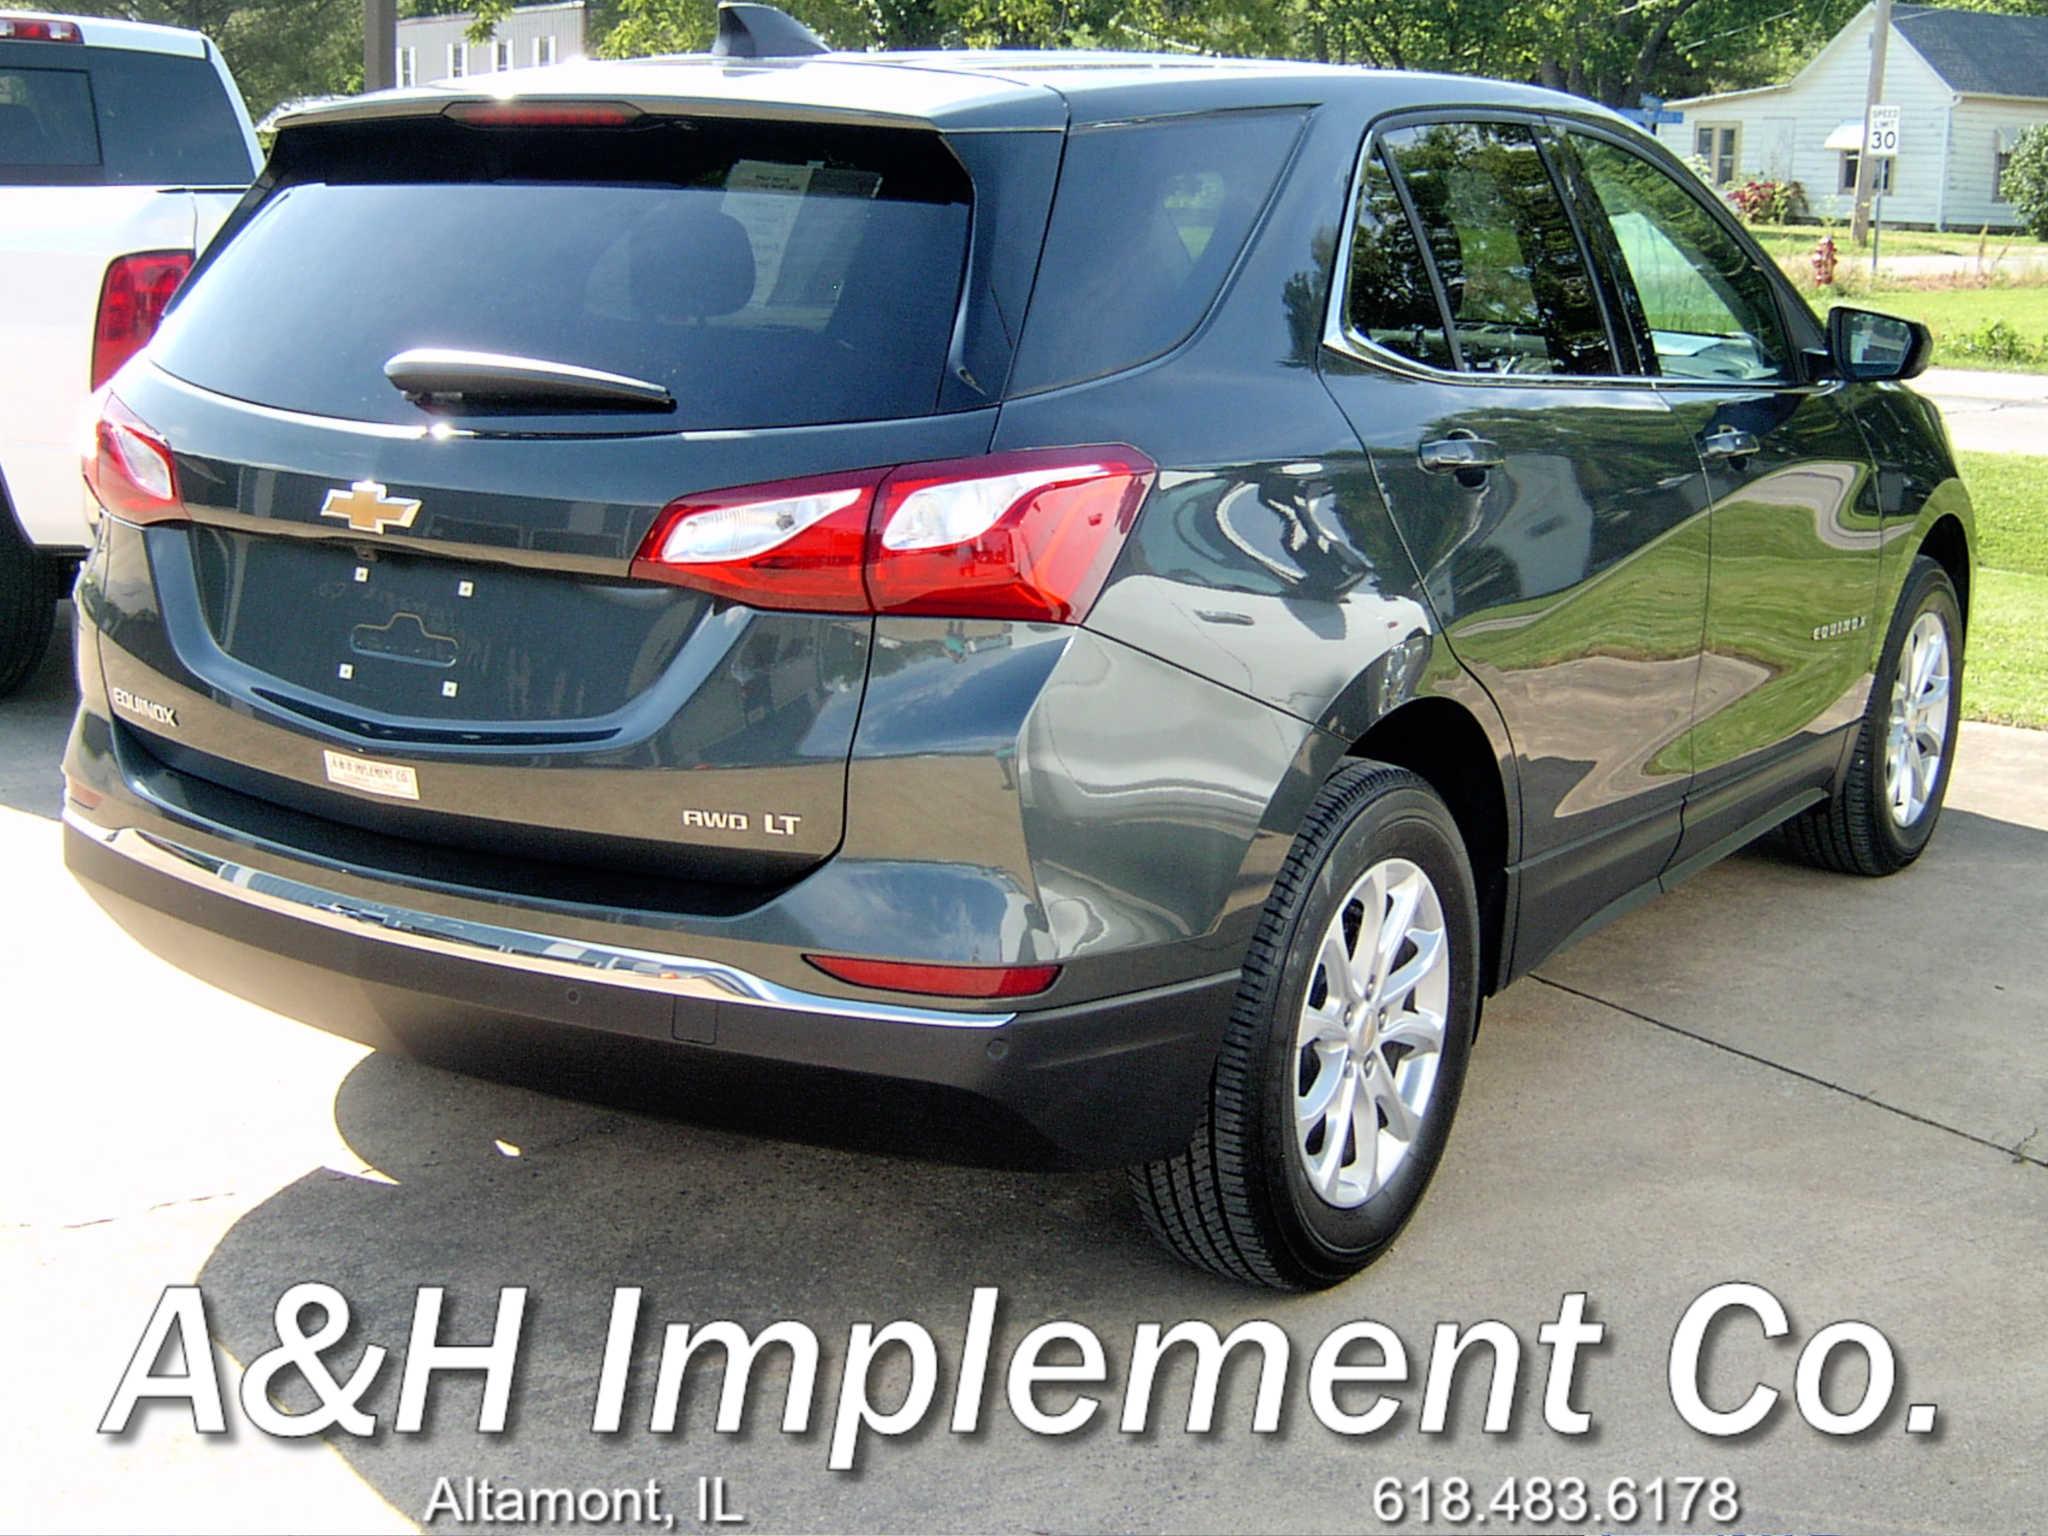 2020 Chevrolet Equinox Lt - Gray 2